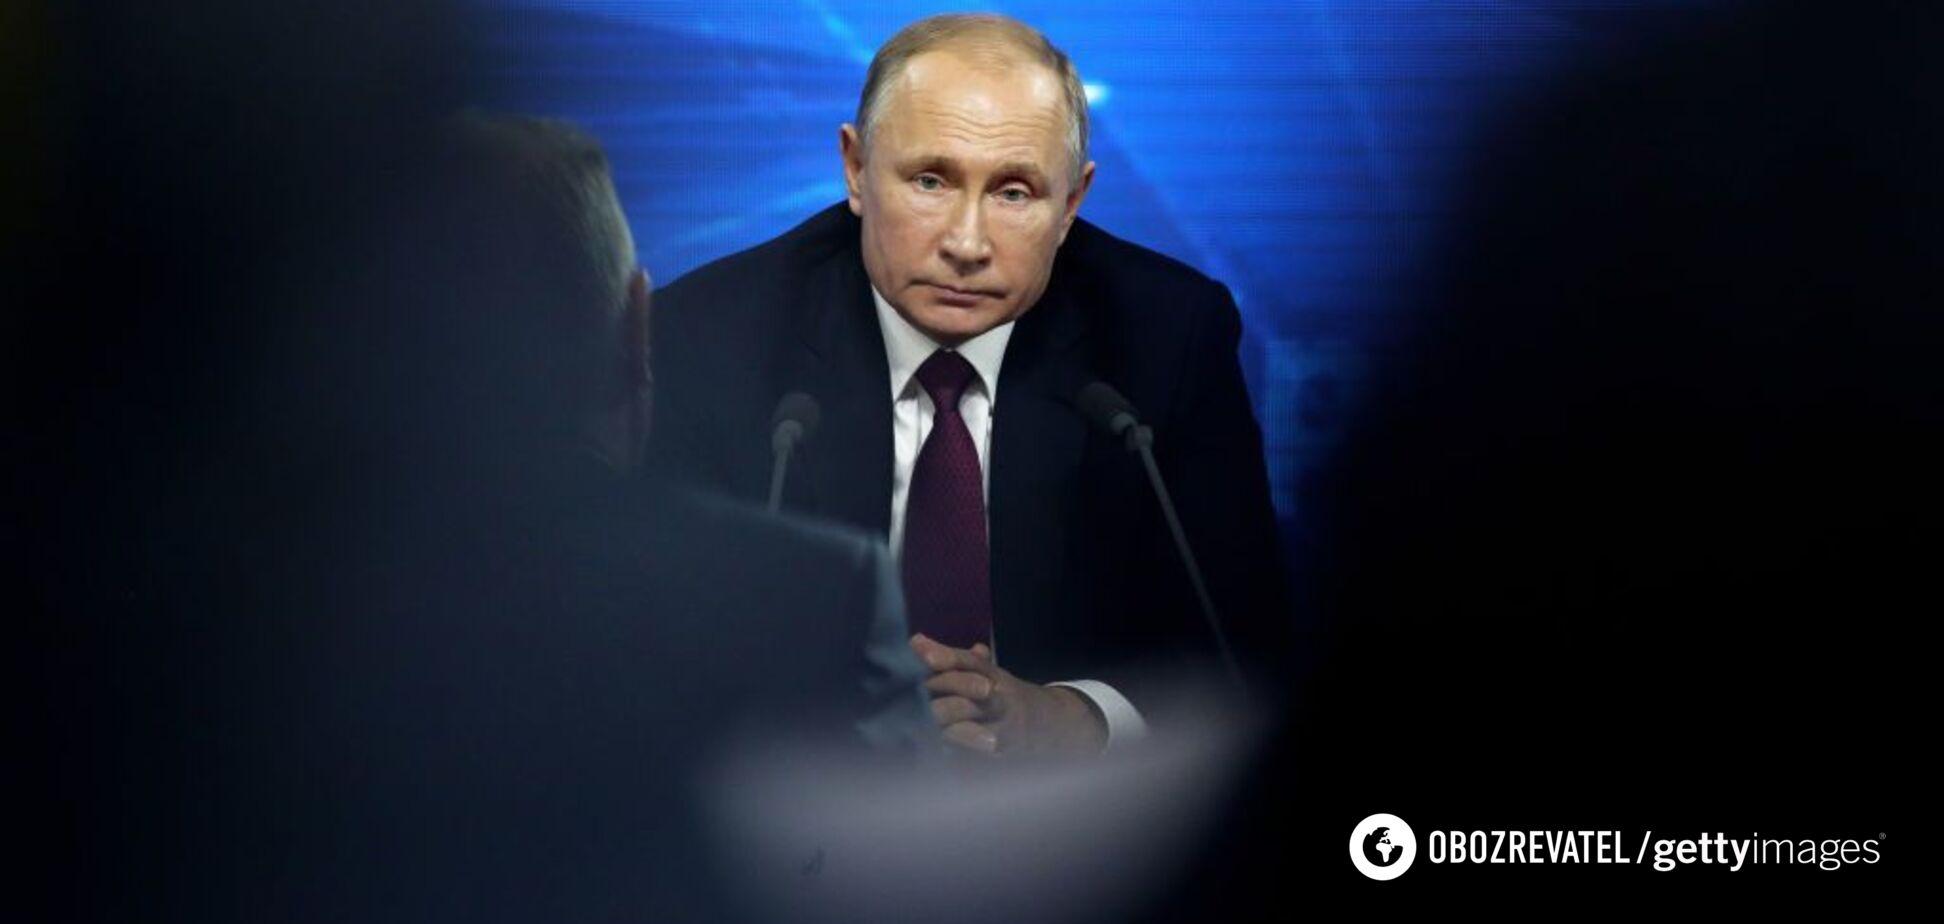 'Я в отчаянии. Путин – единственный, кто может обеспечить справедливость'